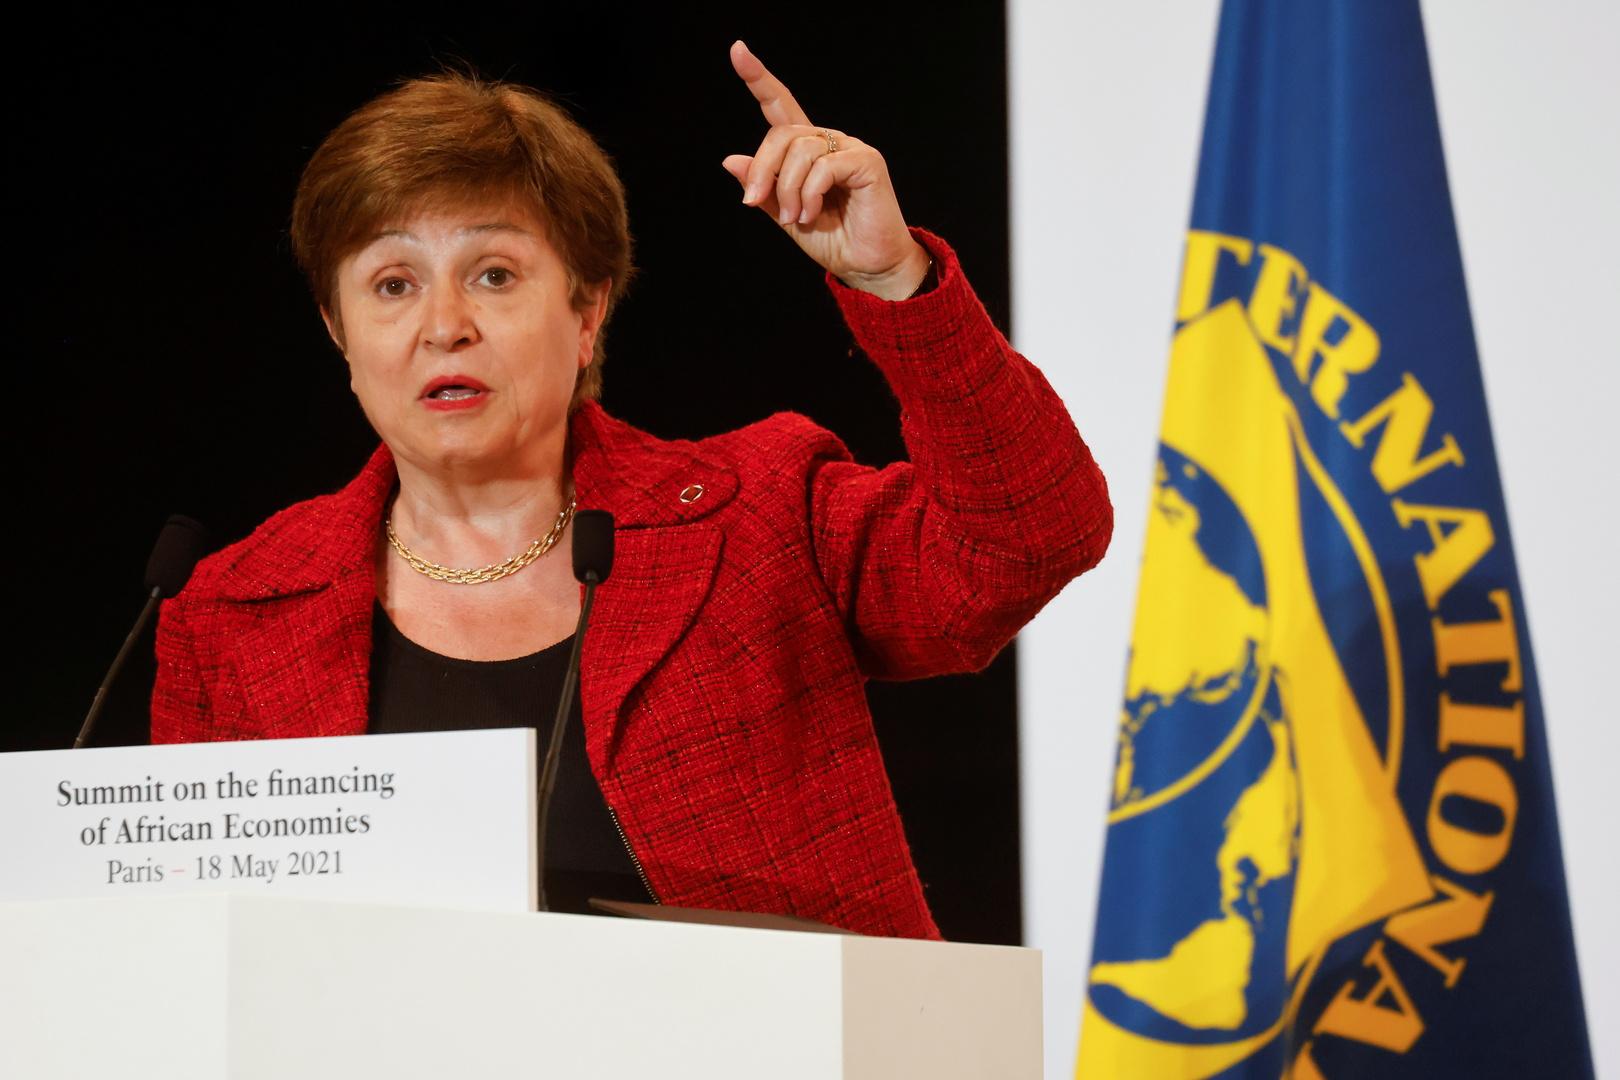 مديرة صندوق النقد الدولي تحذر من تفاوت وتيرة التعافي الاقتصادي بسبب كورونا